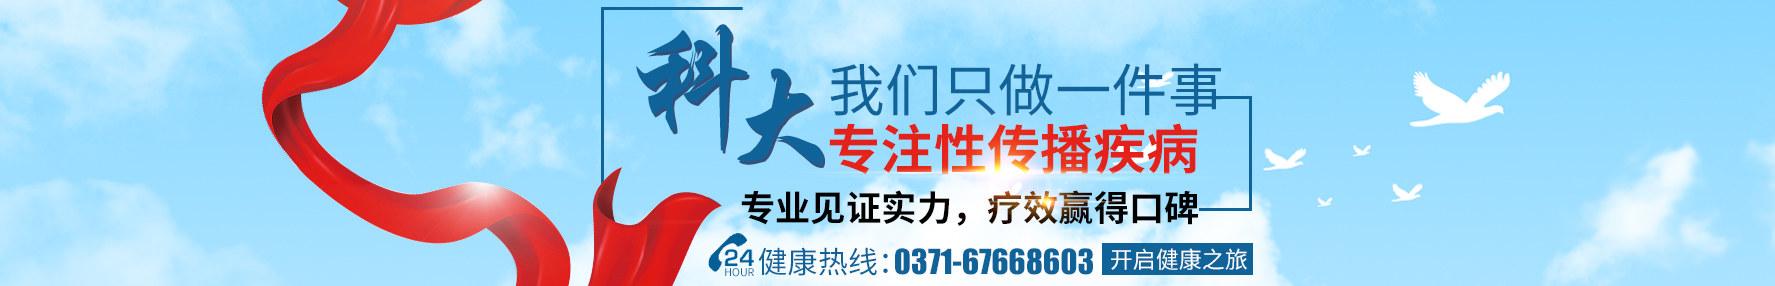 郑州性病专色天使在线视频在线视频偷国产精品